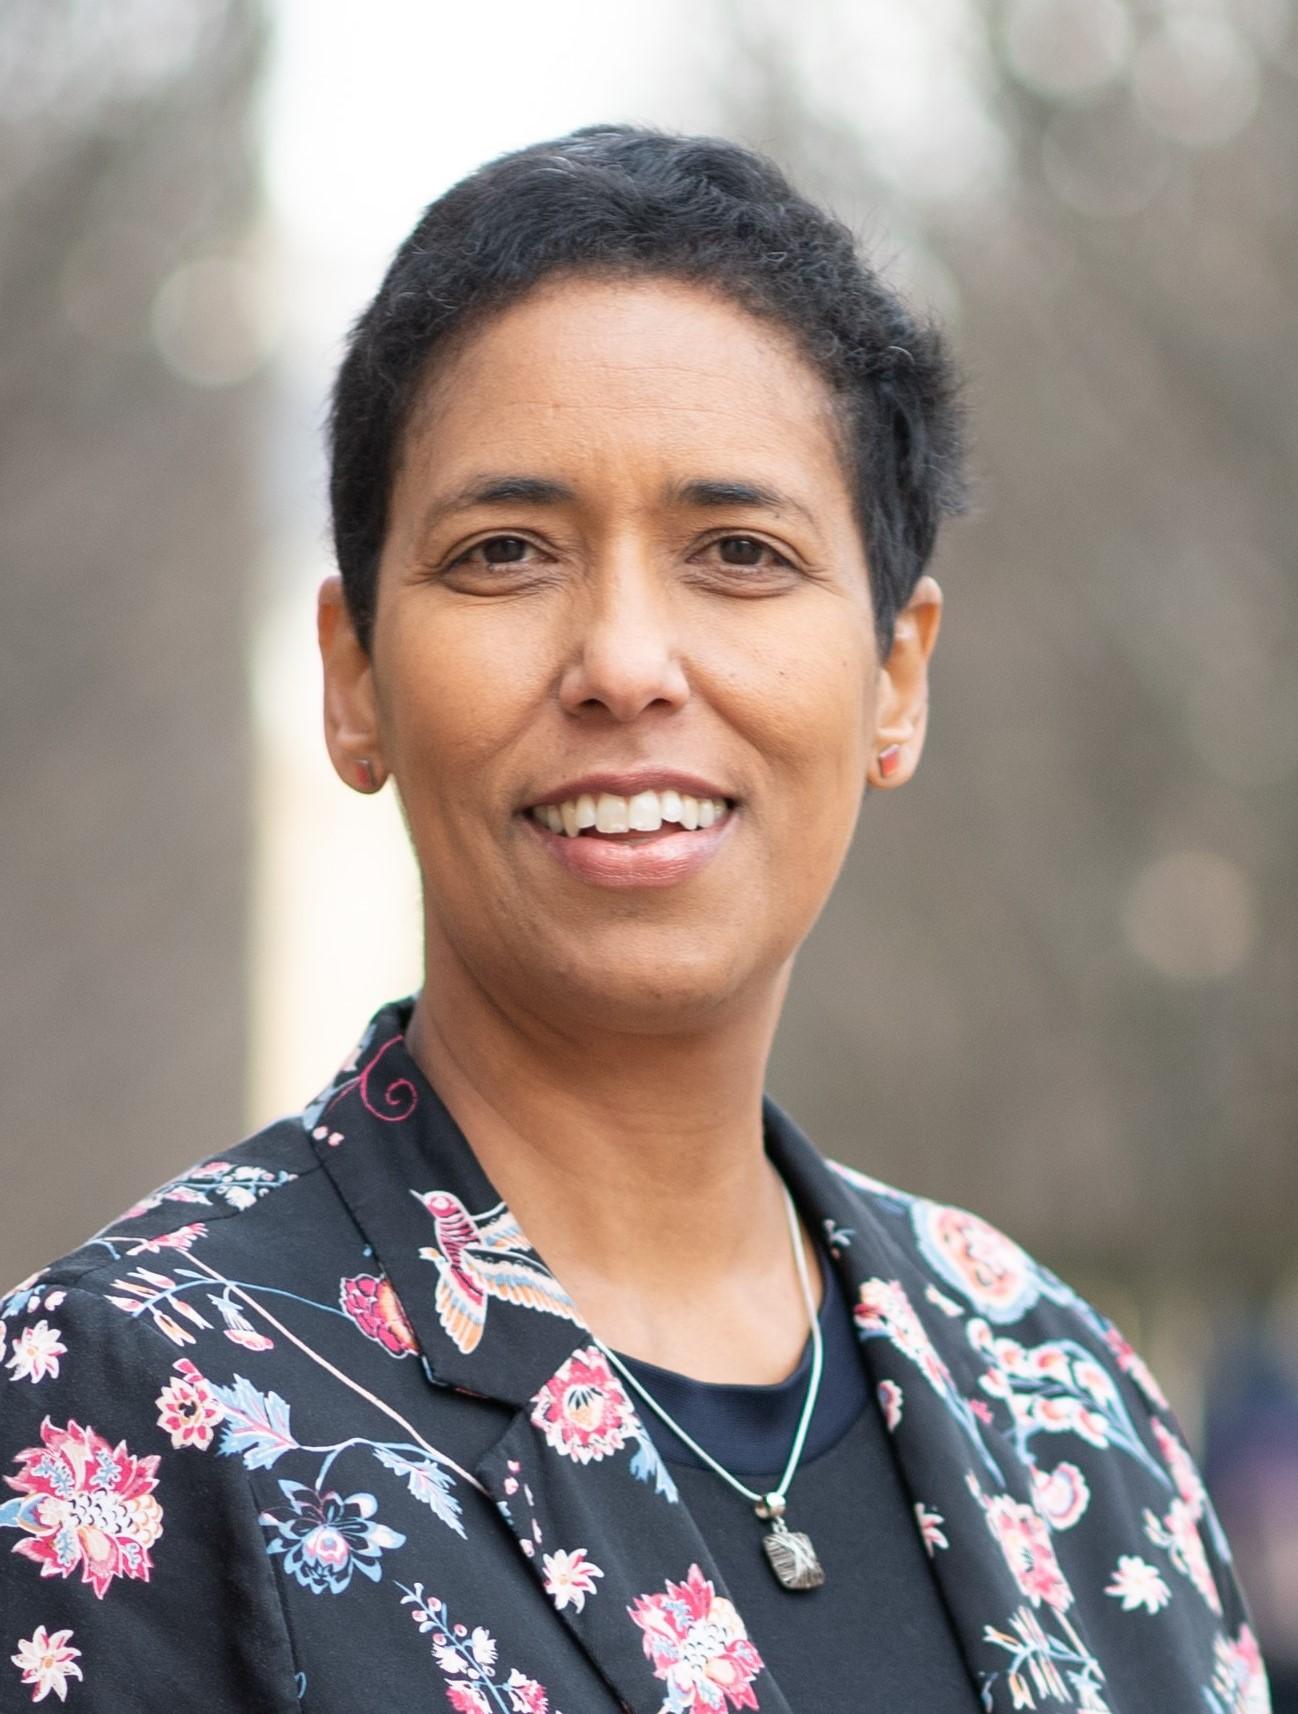 Learner Spotlight: Dominique M.